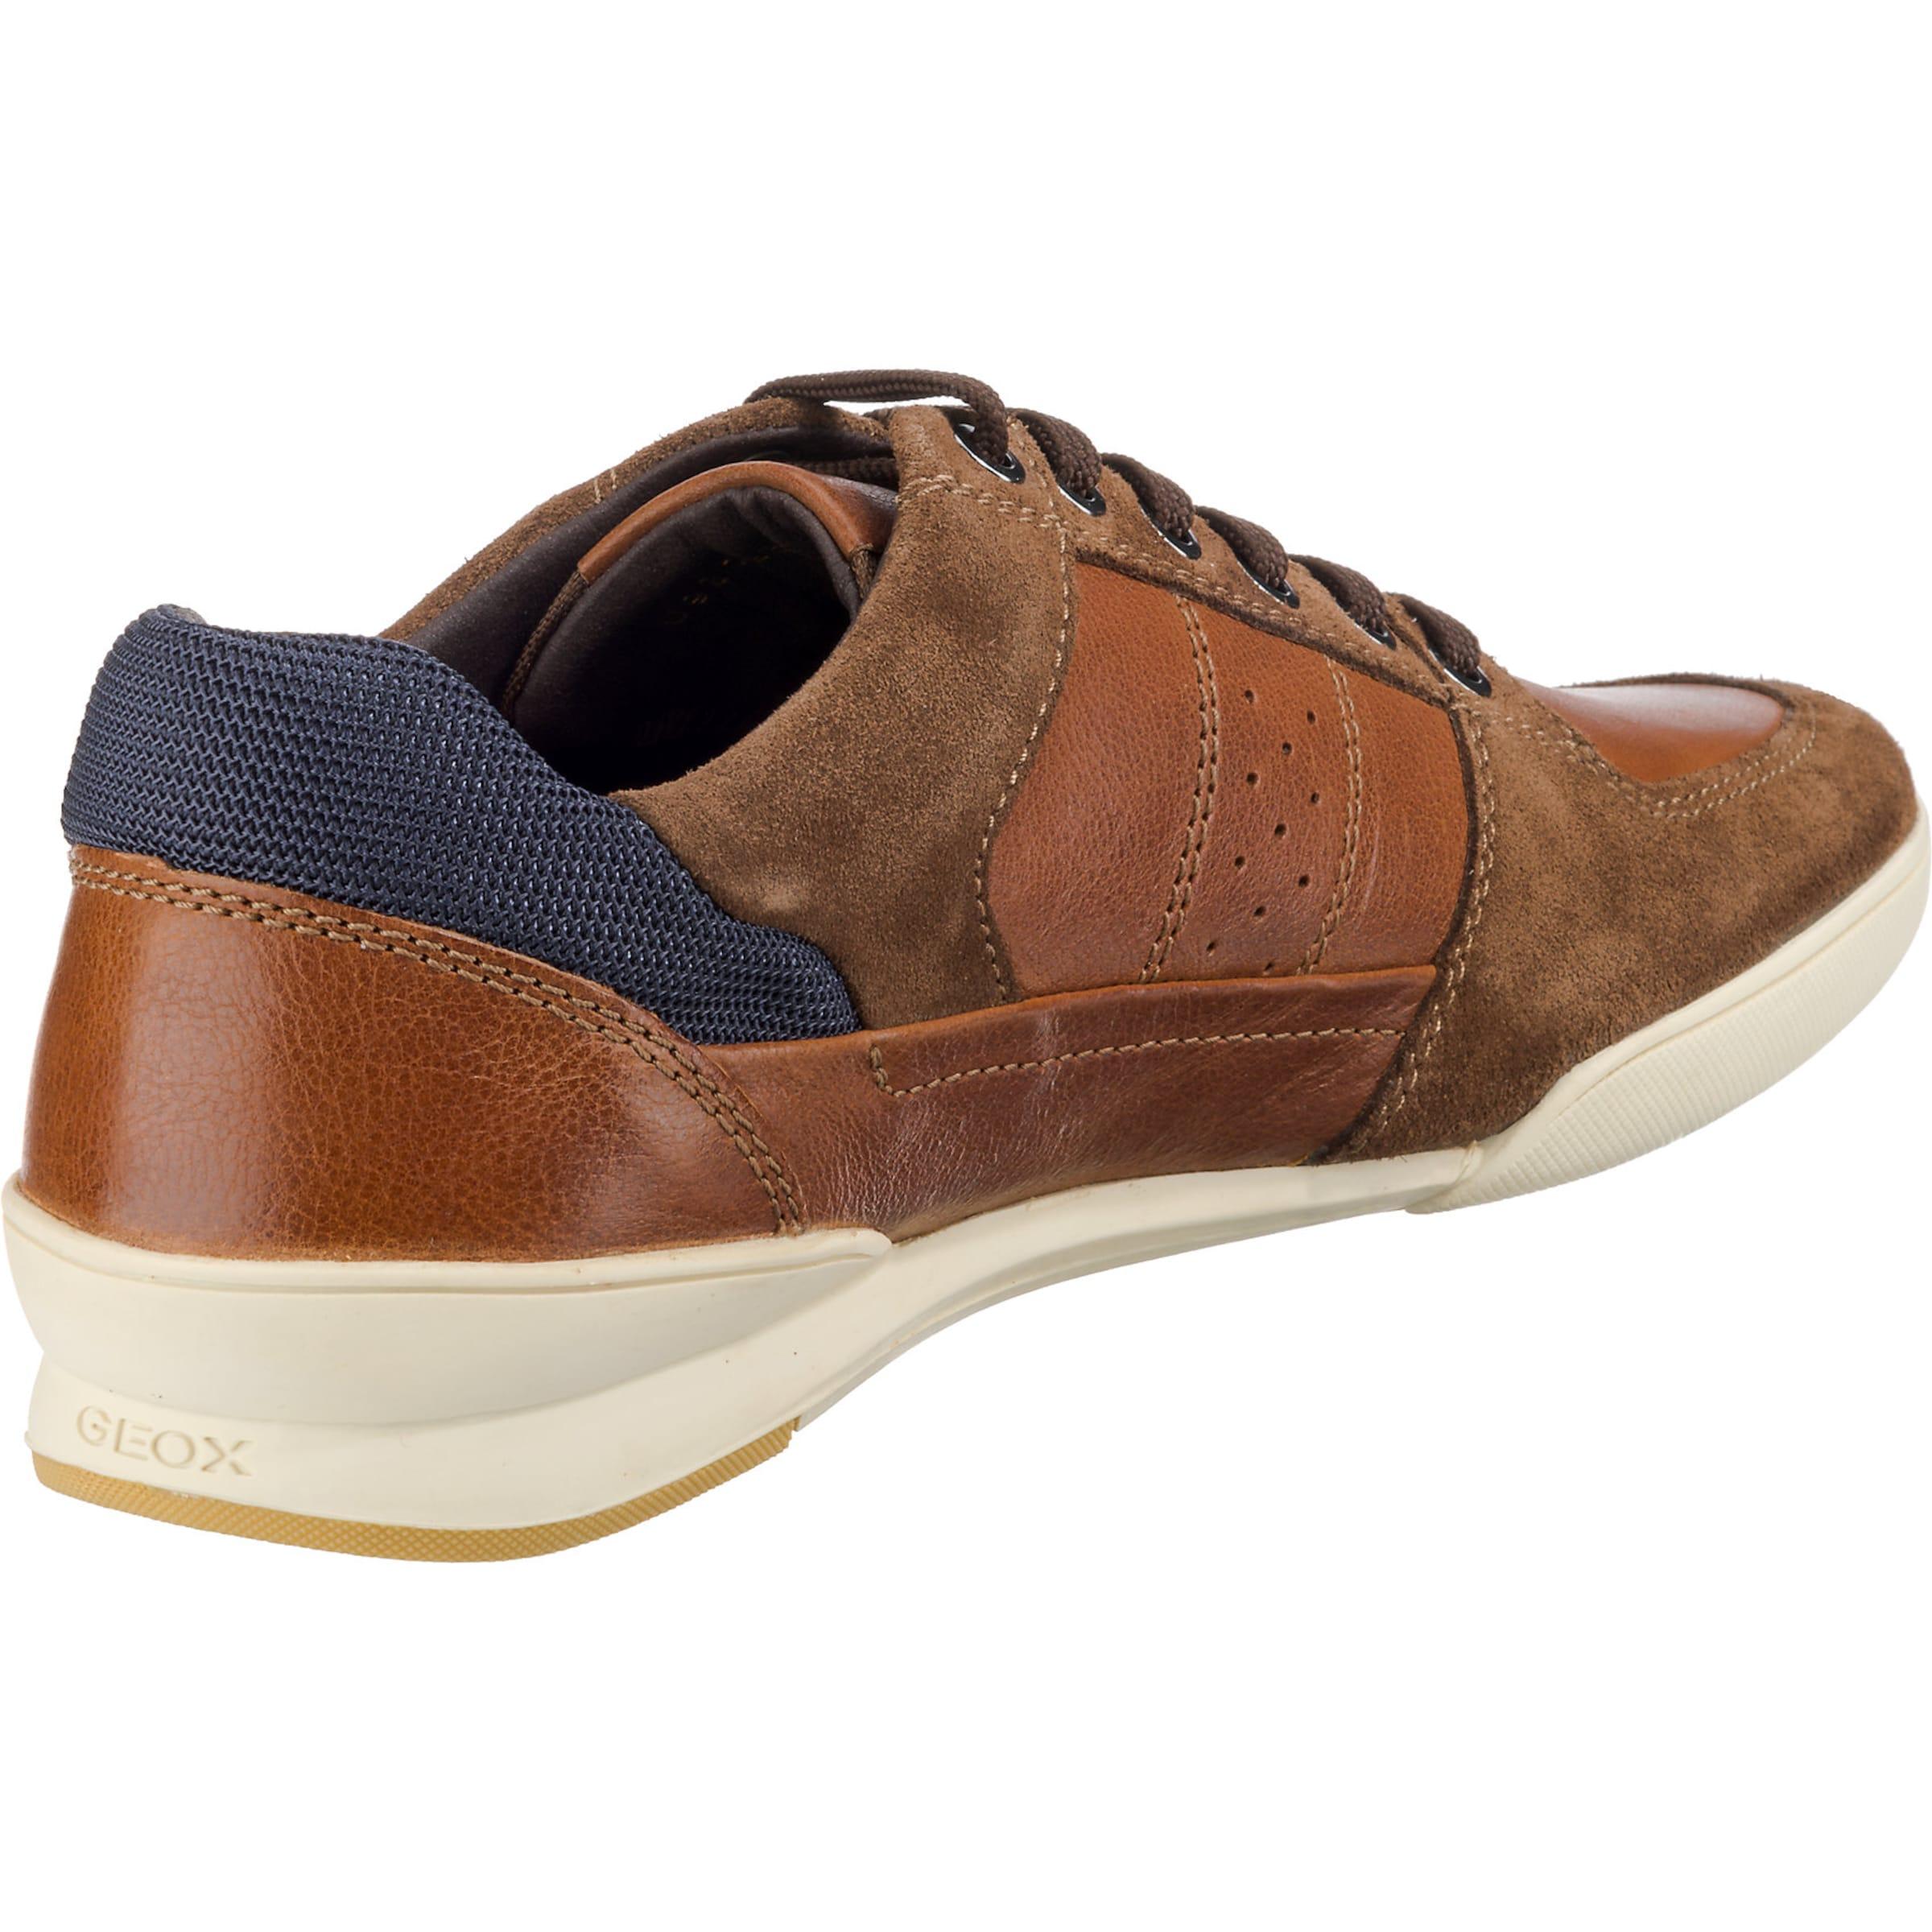 NavyBraun Geox Geox In Sneakers Rostbraun R3ALqj54